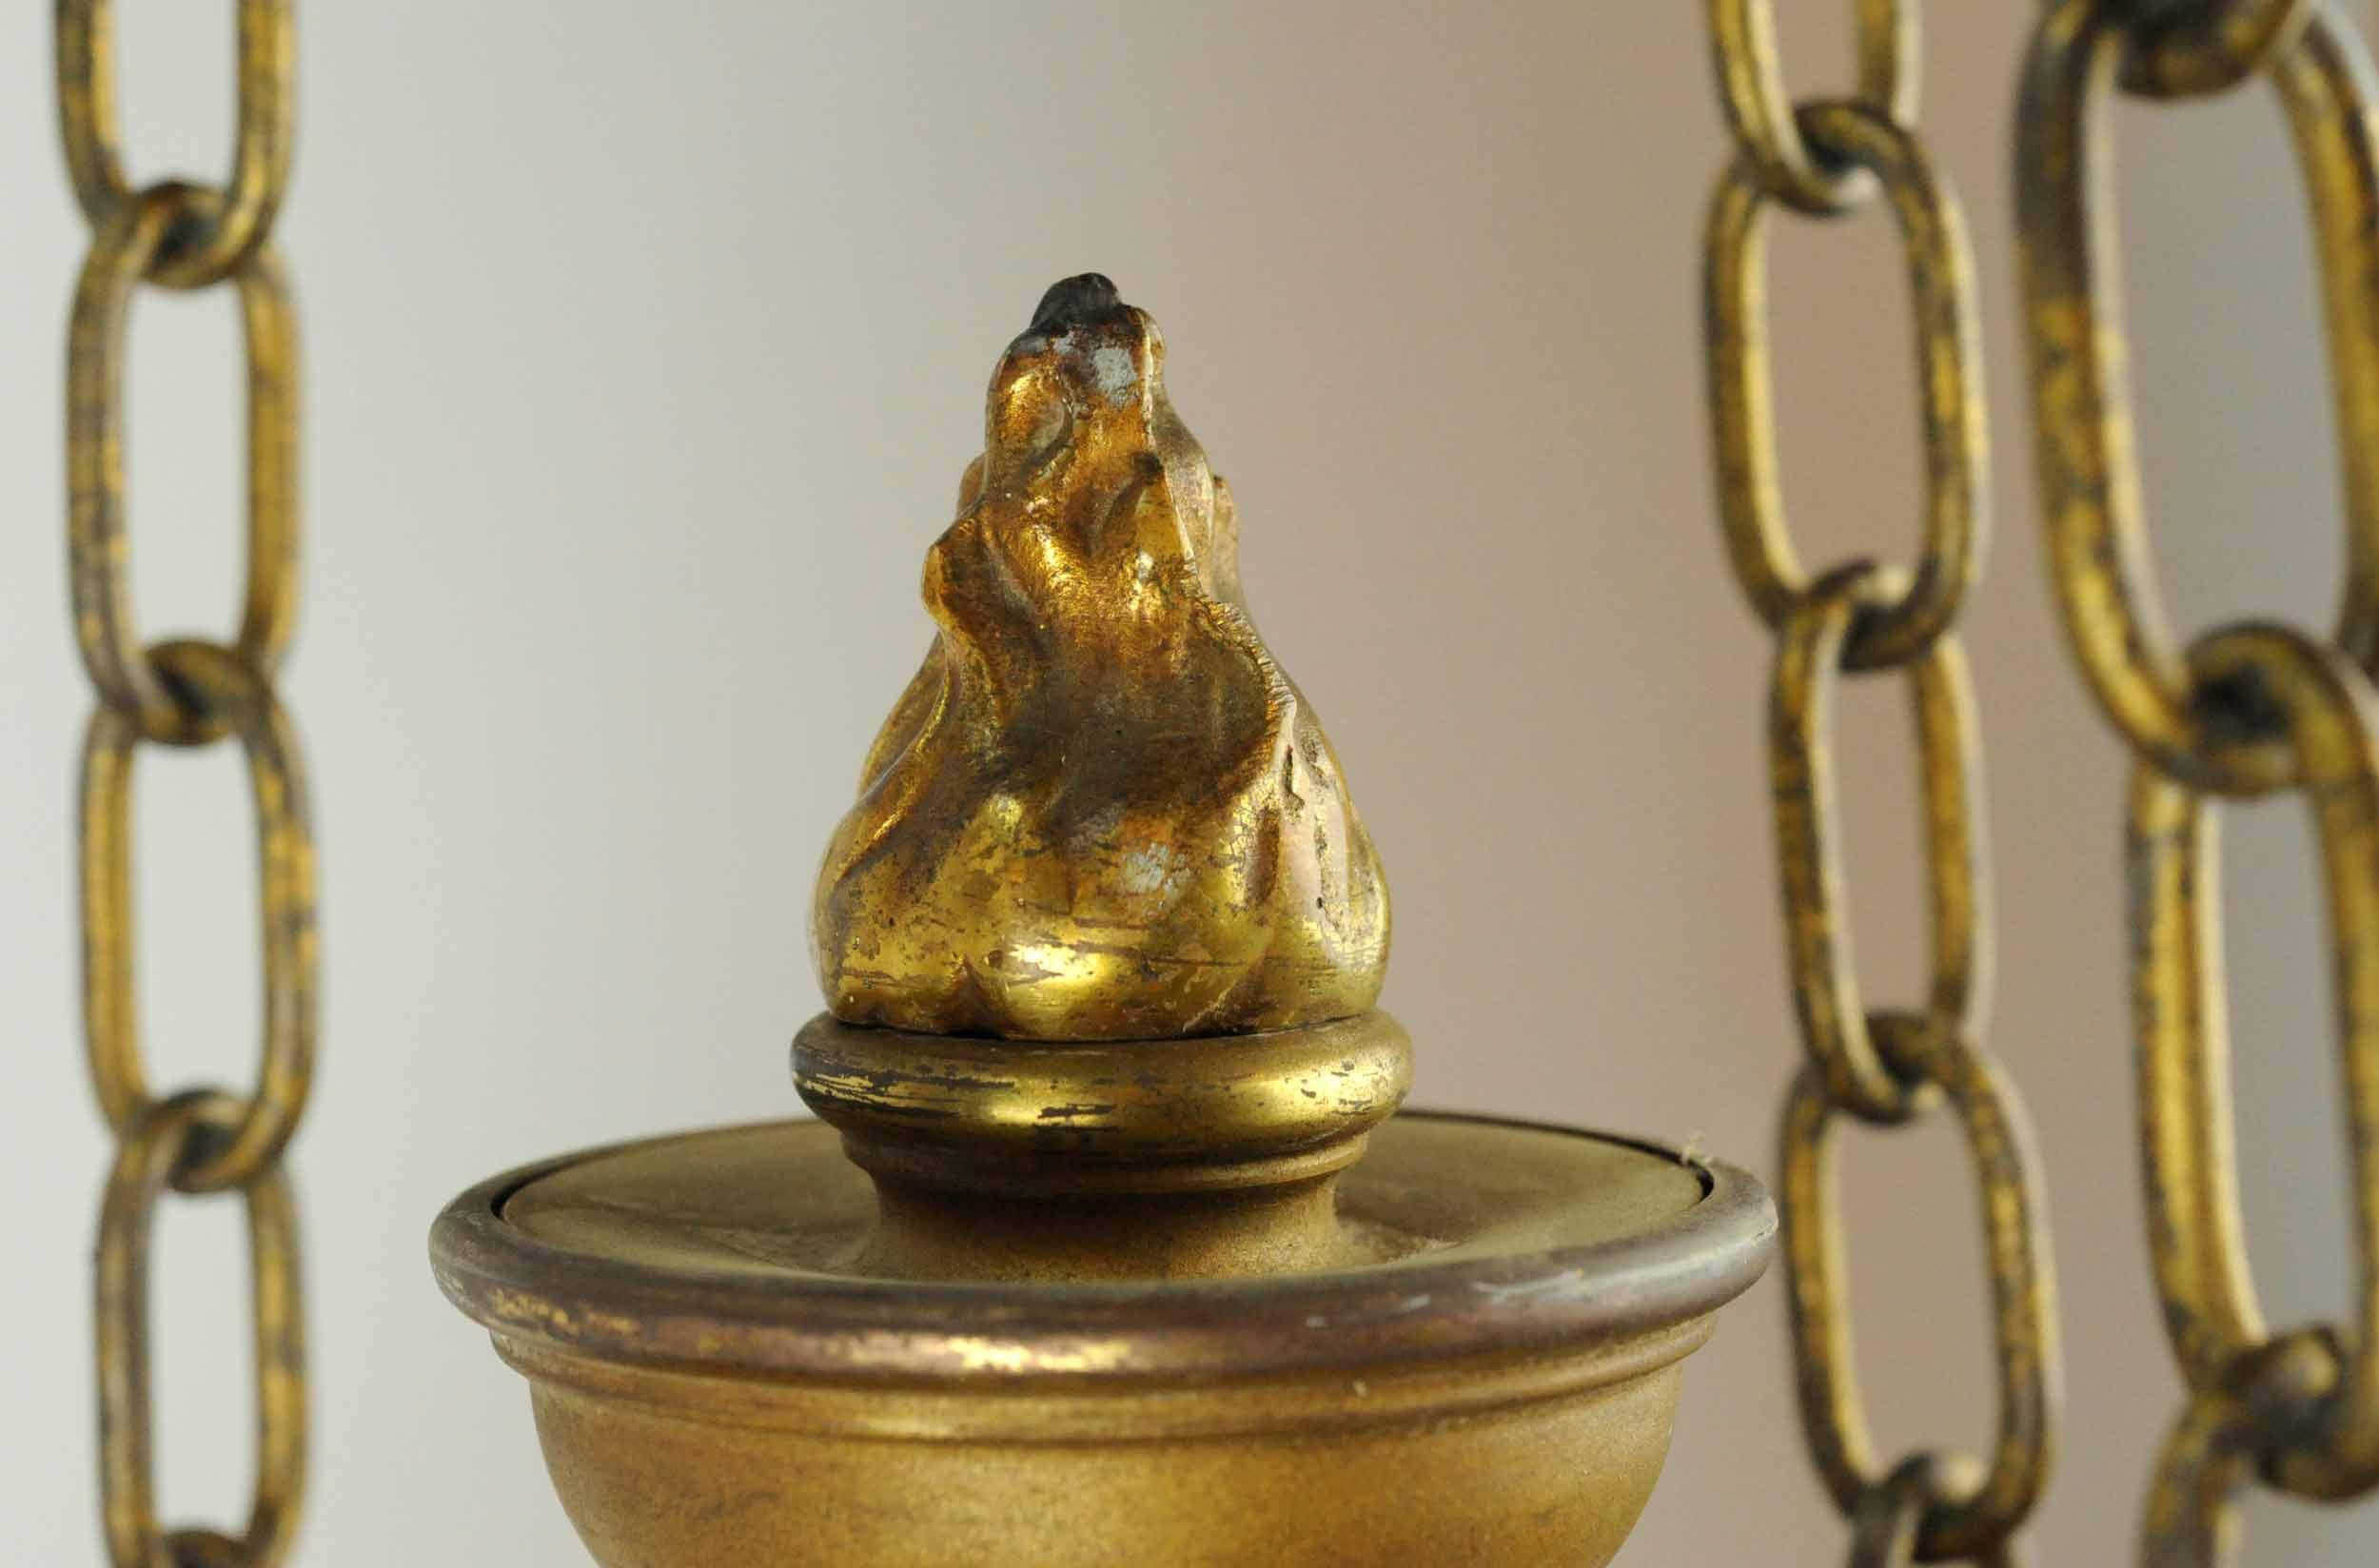 46966-brass-bank-pendant-brass-detail.jpg